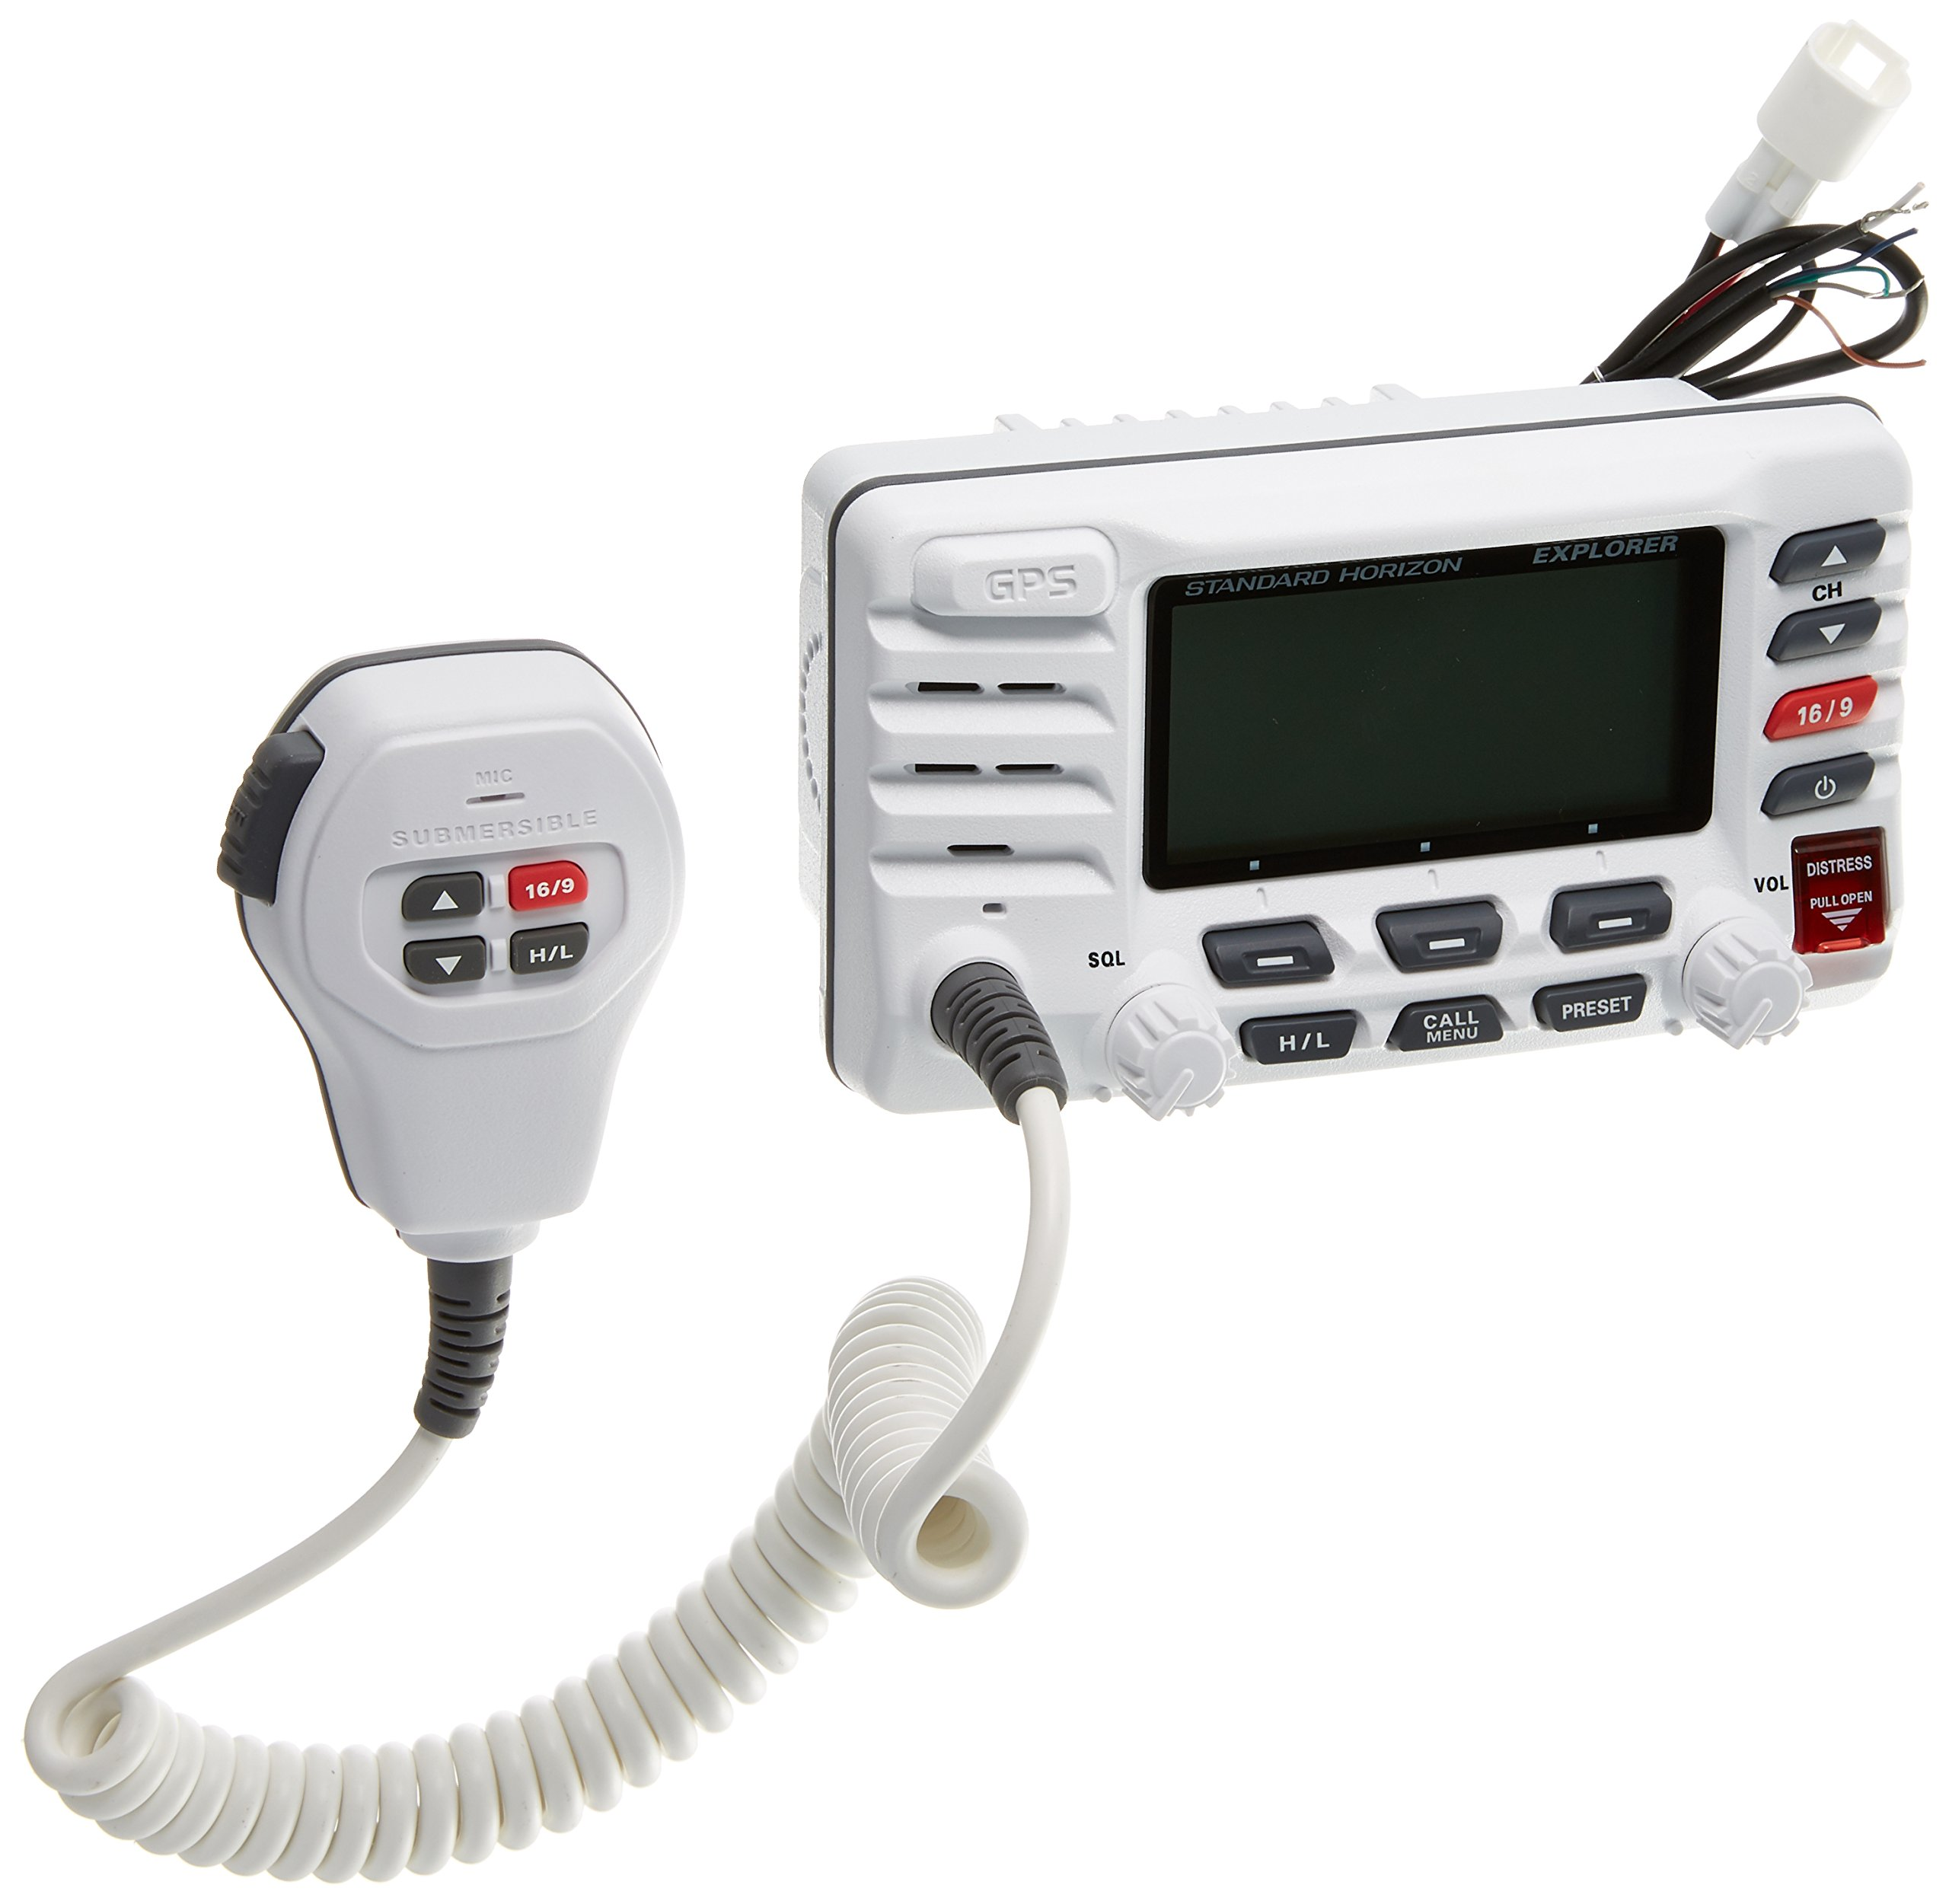 Standard Horizon GX1700W Standard Explorer GPS VHF Marine Radio - White by Standard Horizon